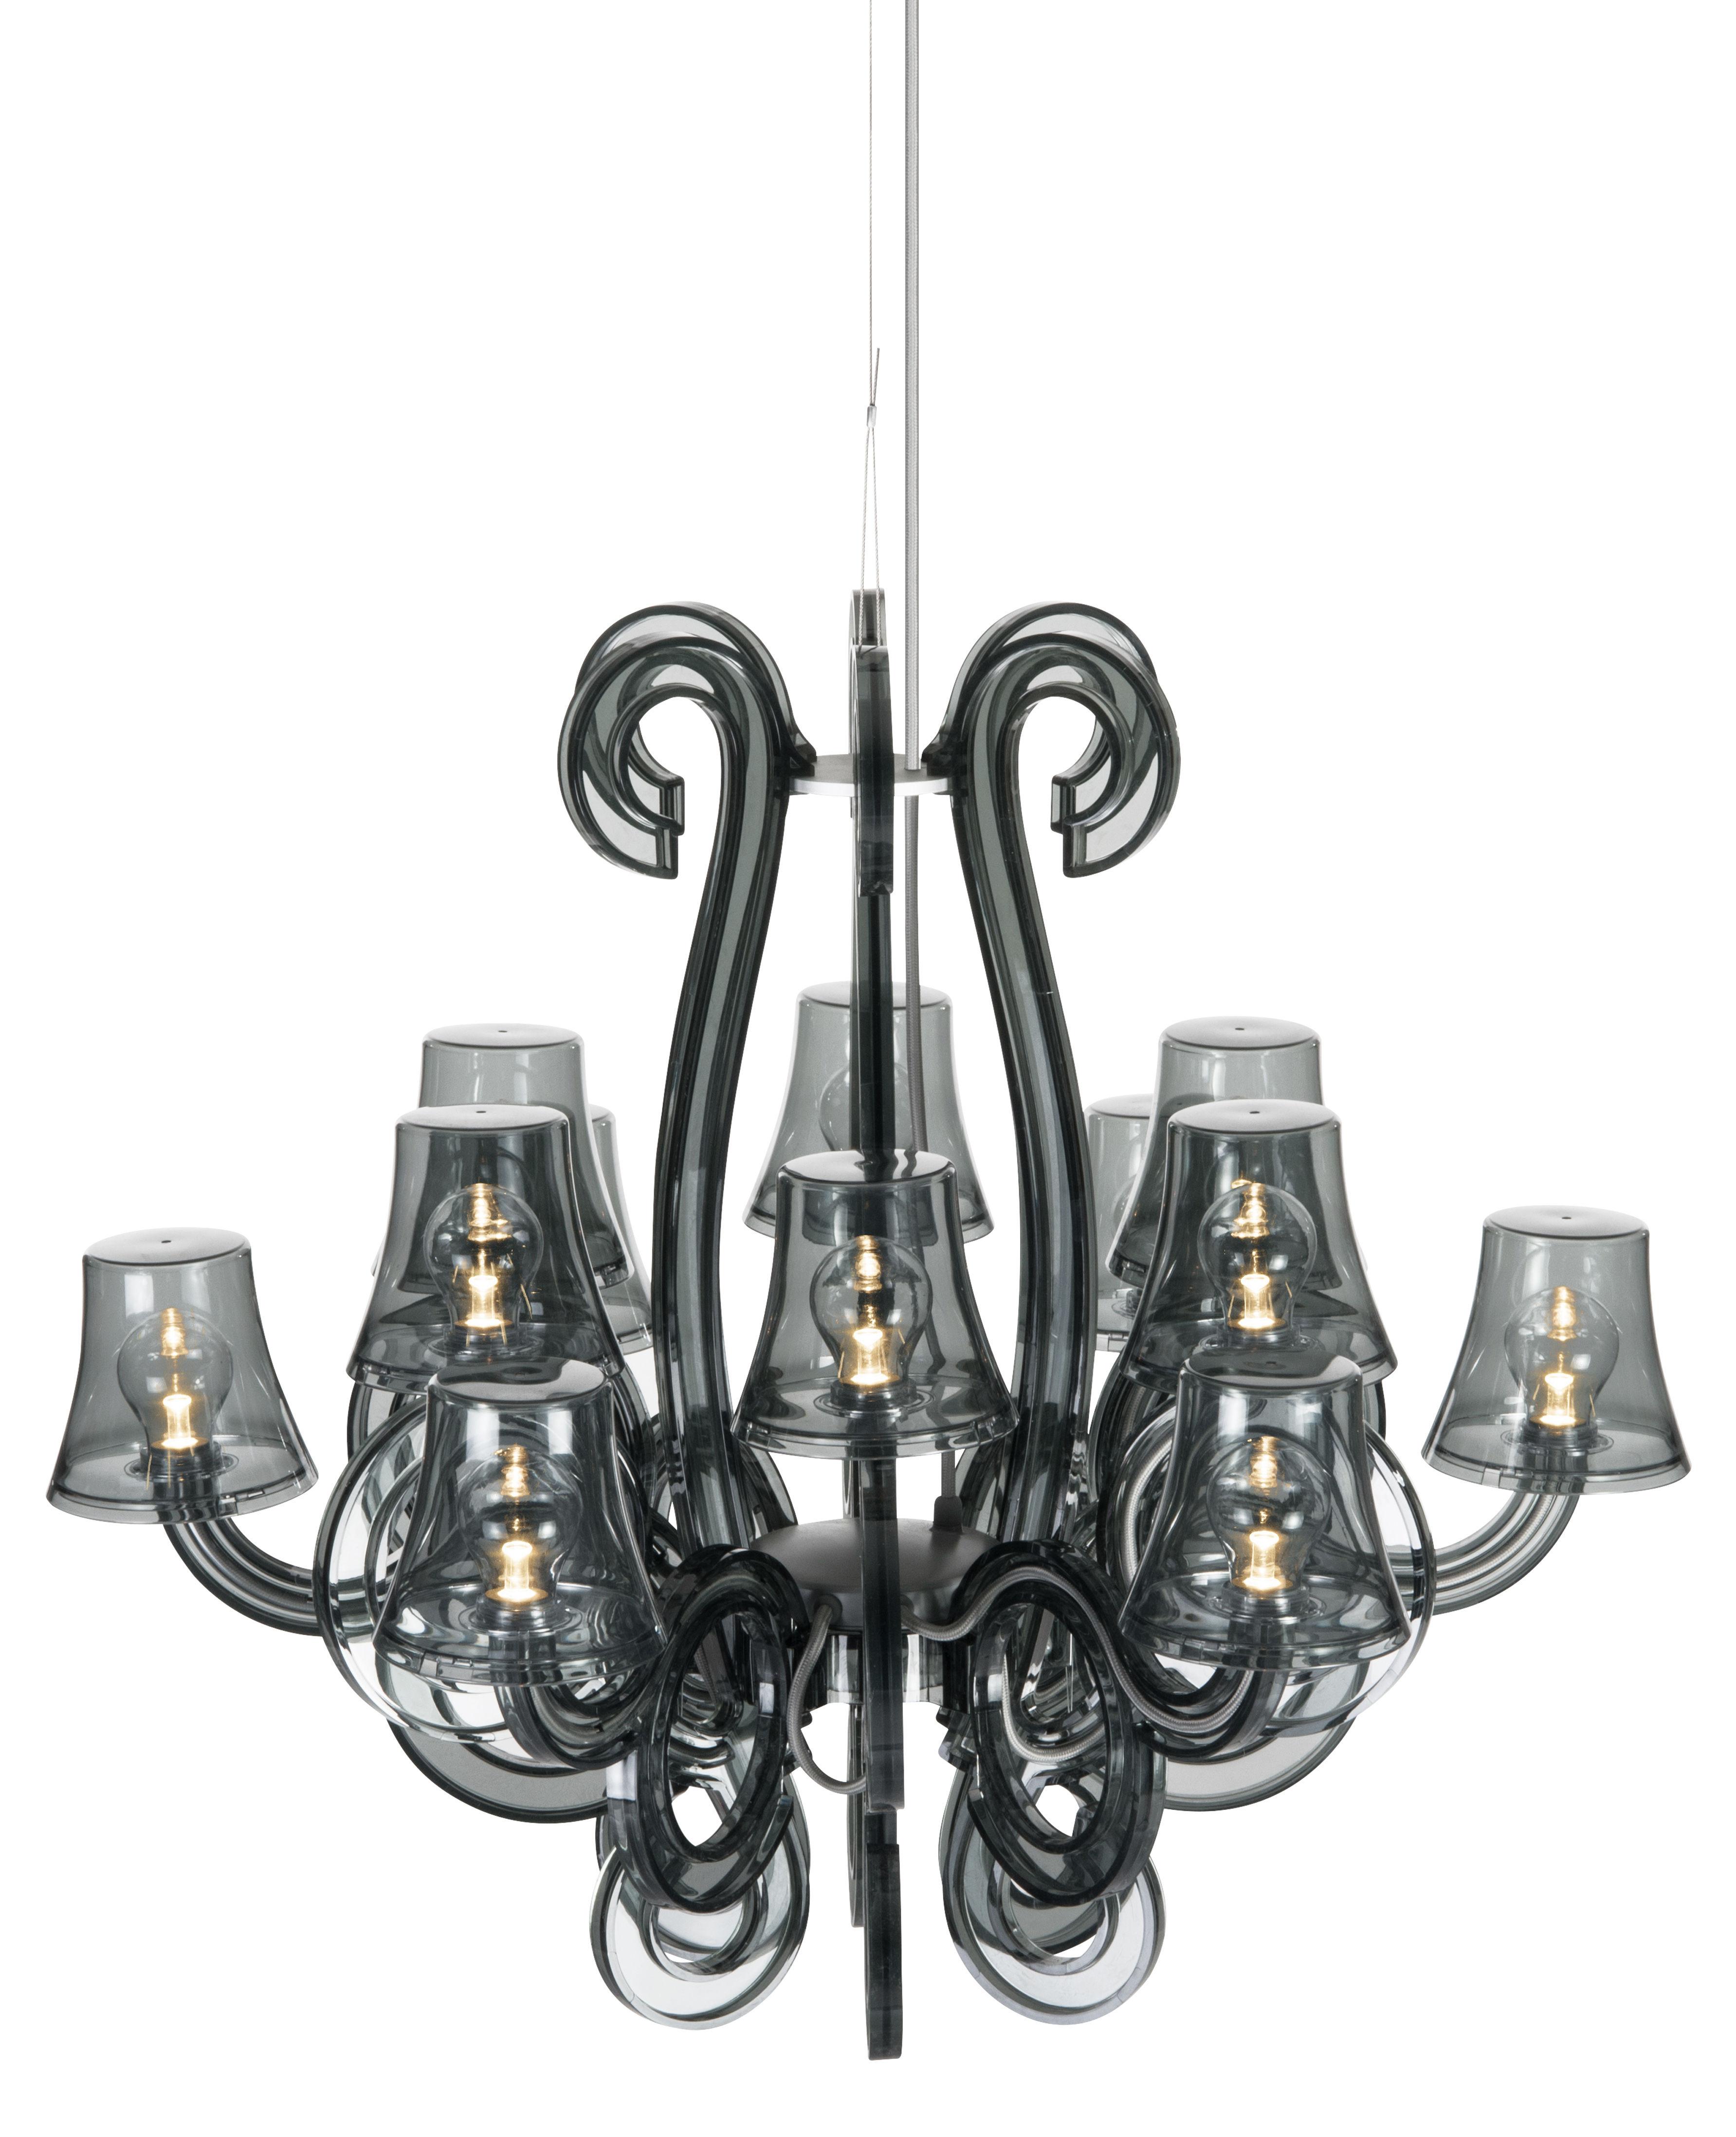 Luminaire - Suspensions - Suspension RockCoco 12.0 INDOOR / Ø 78 cm - LED fournies - Fatboy - Gris foncé / Câble gris - Polycarbonate